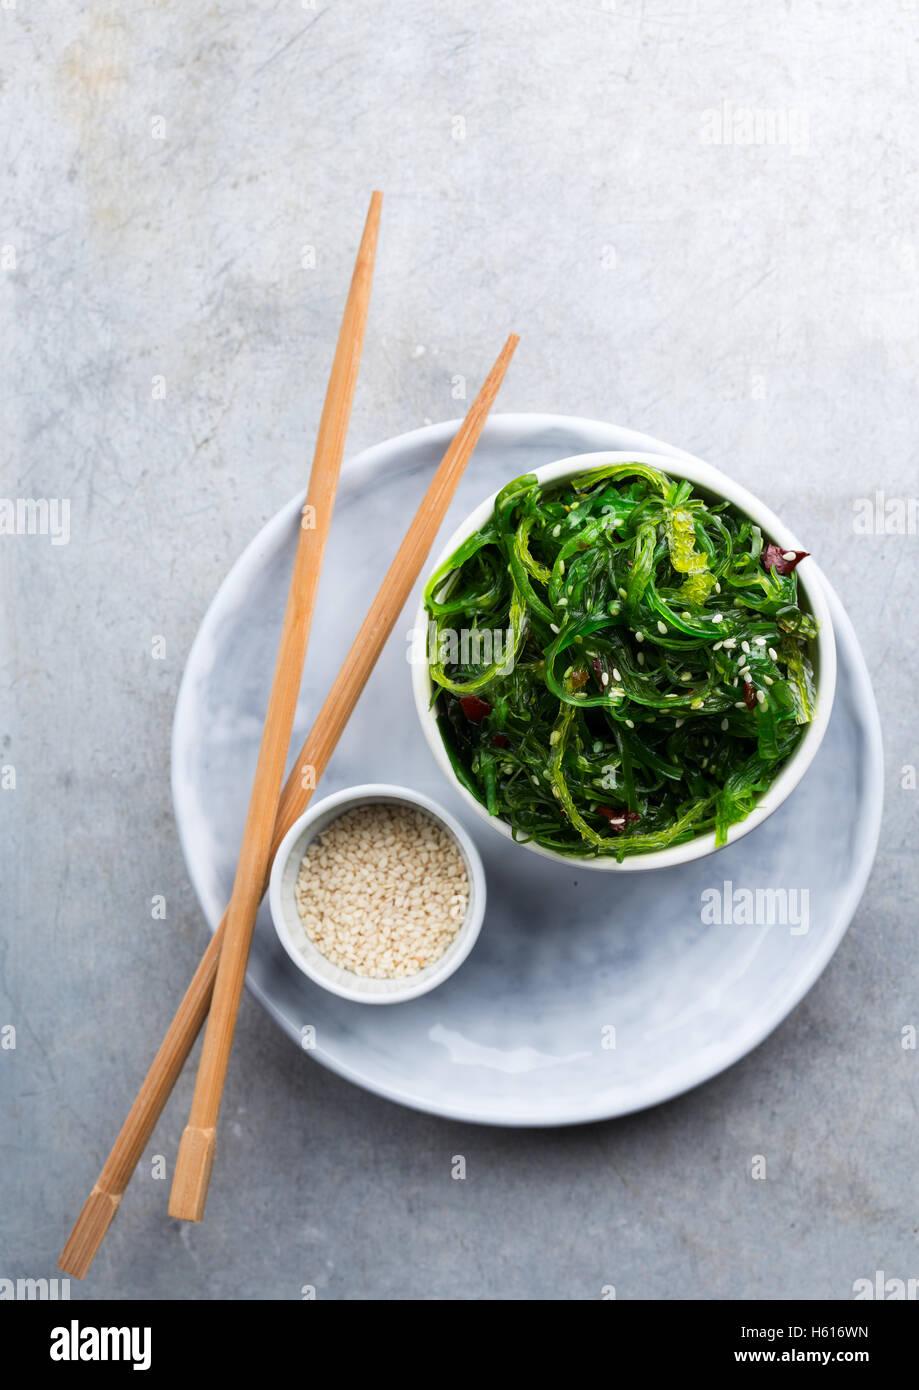 Traditionelle japanische Vorspeise Salat serviert in einer kleinen Schüssel und Stäbchen Stockbild